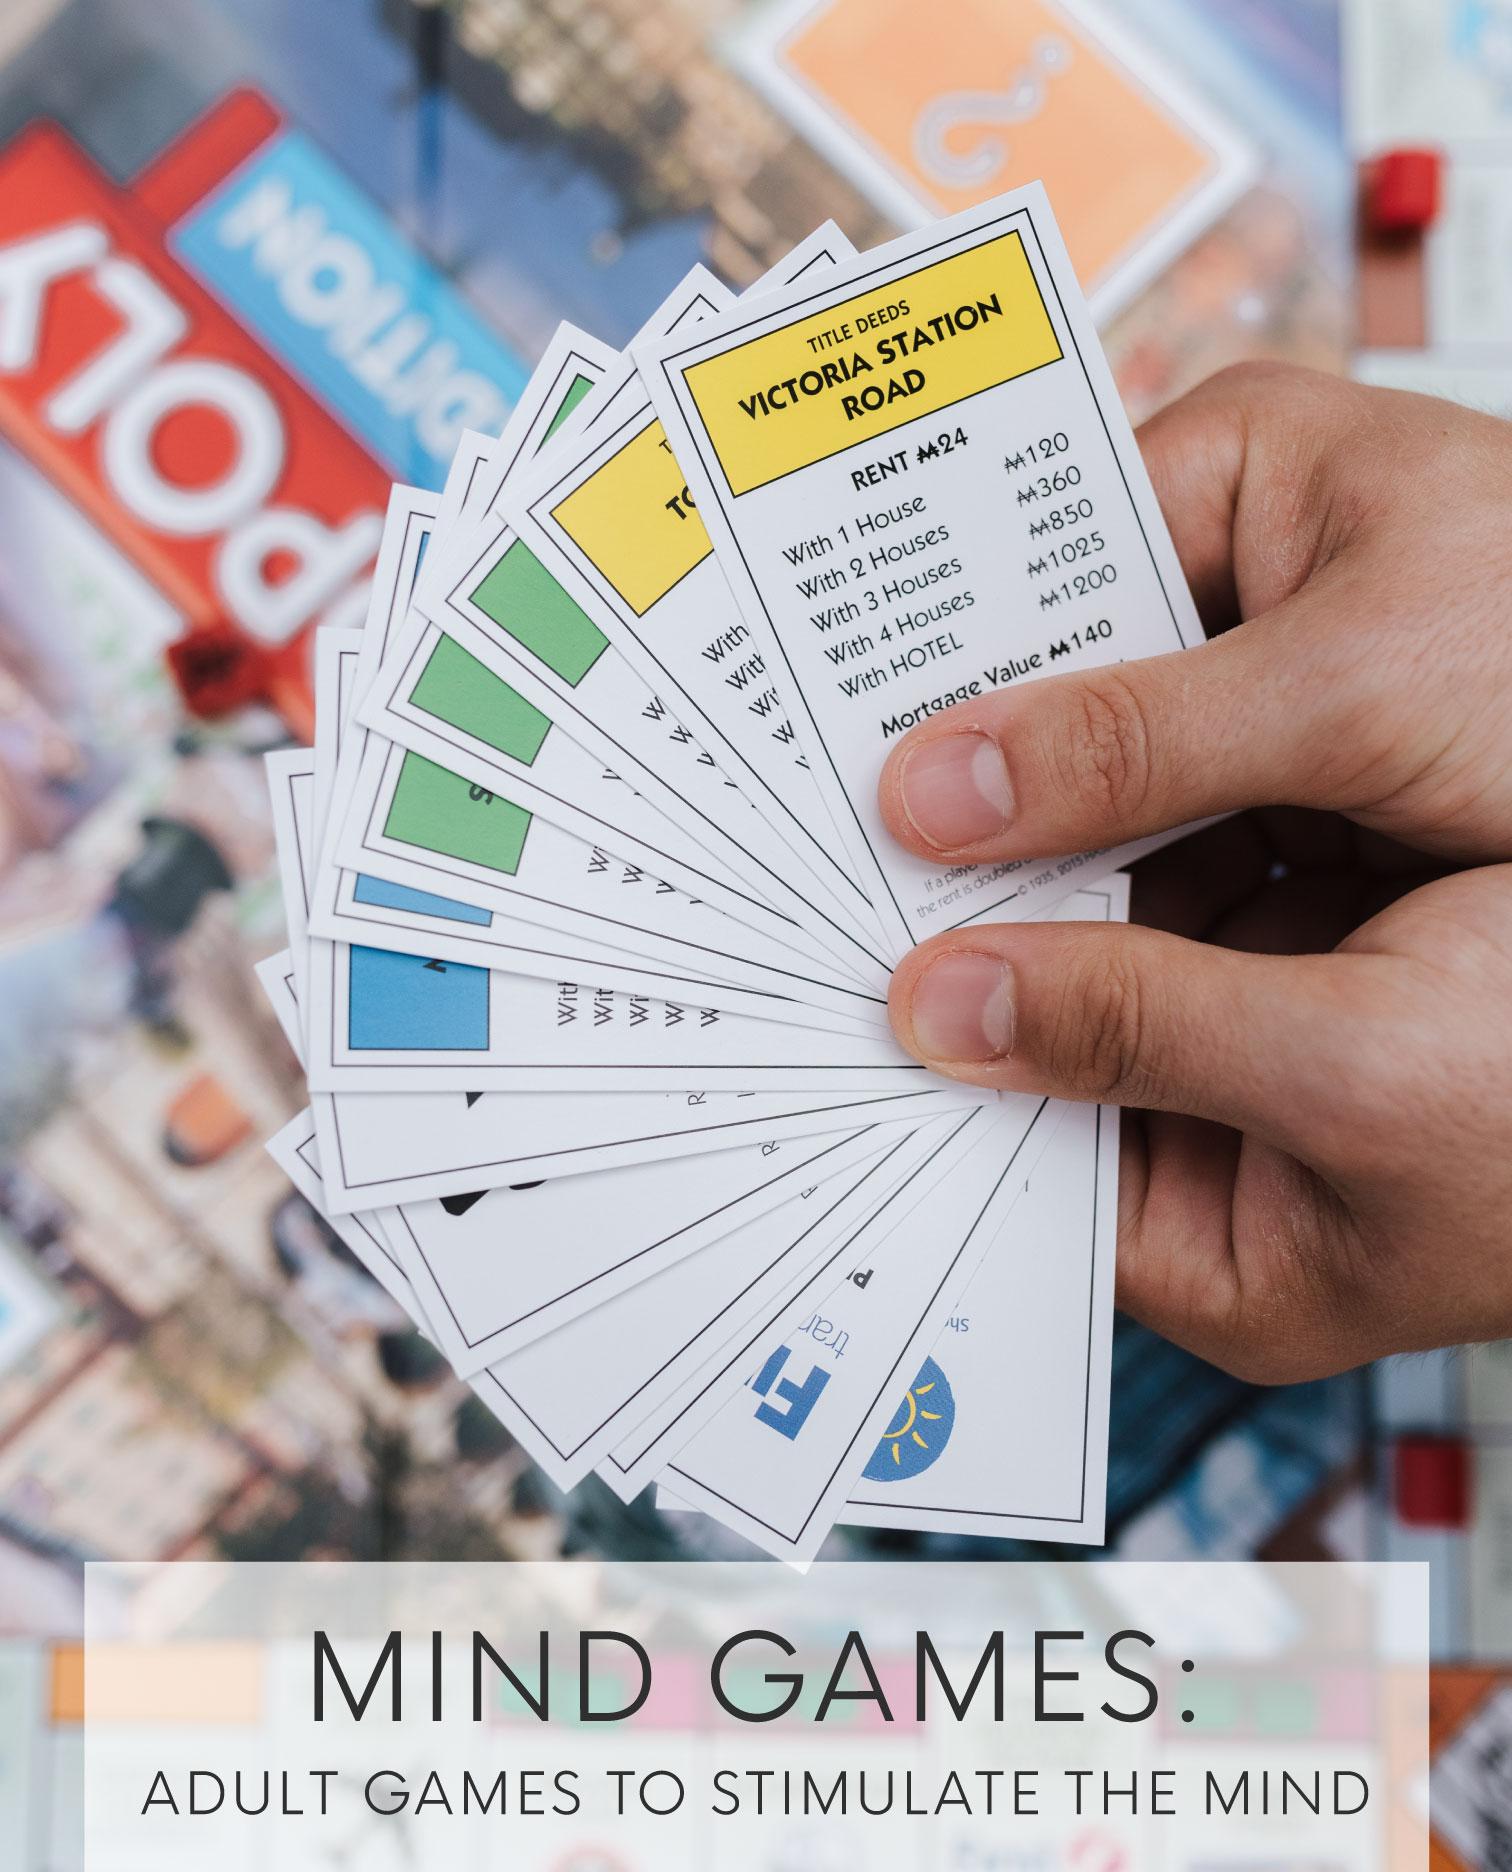 SHOP MIND GAMES